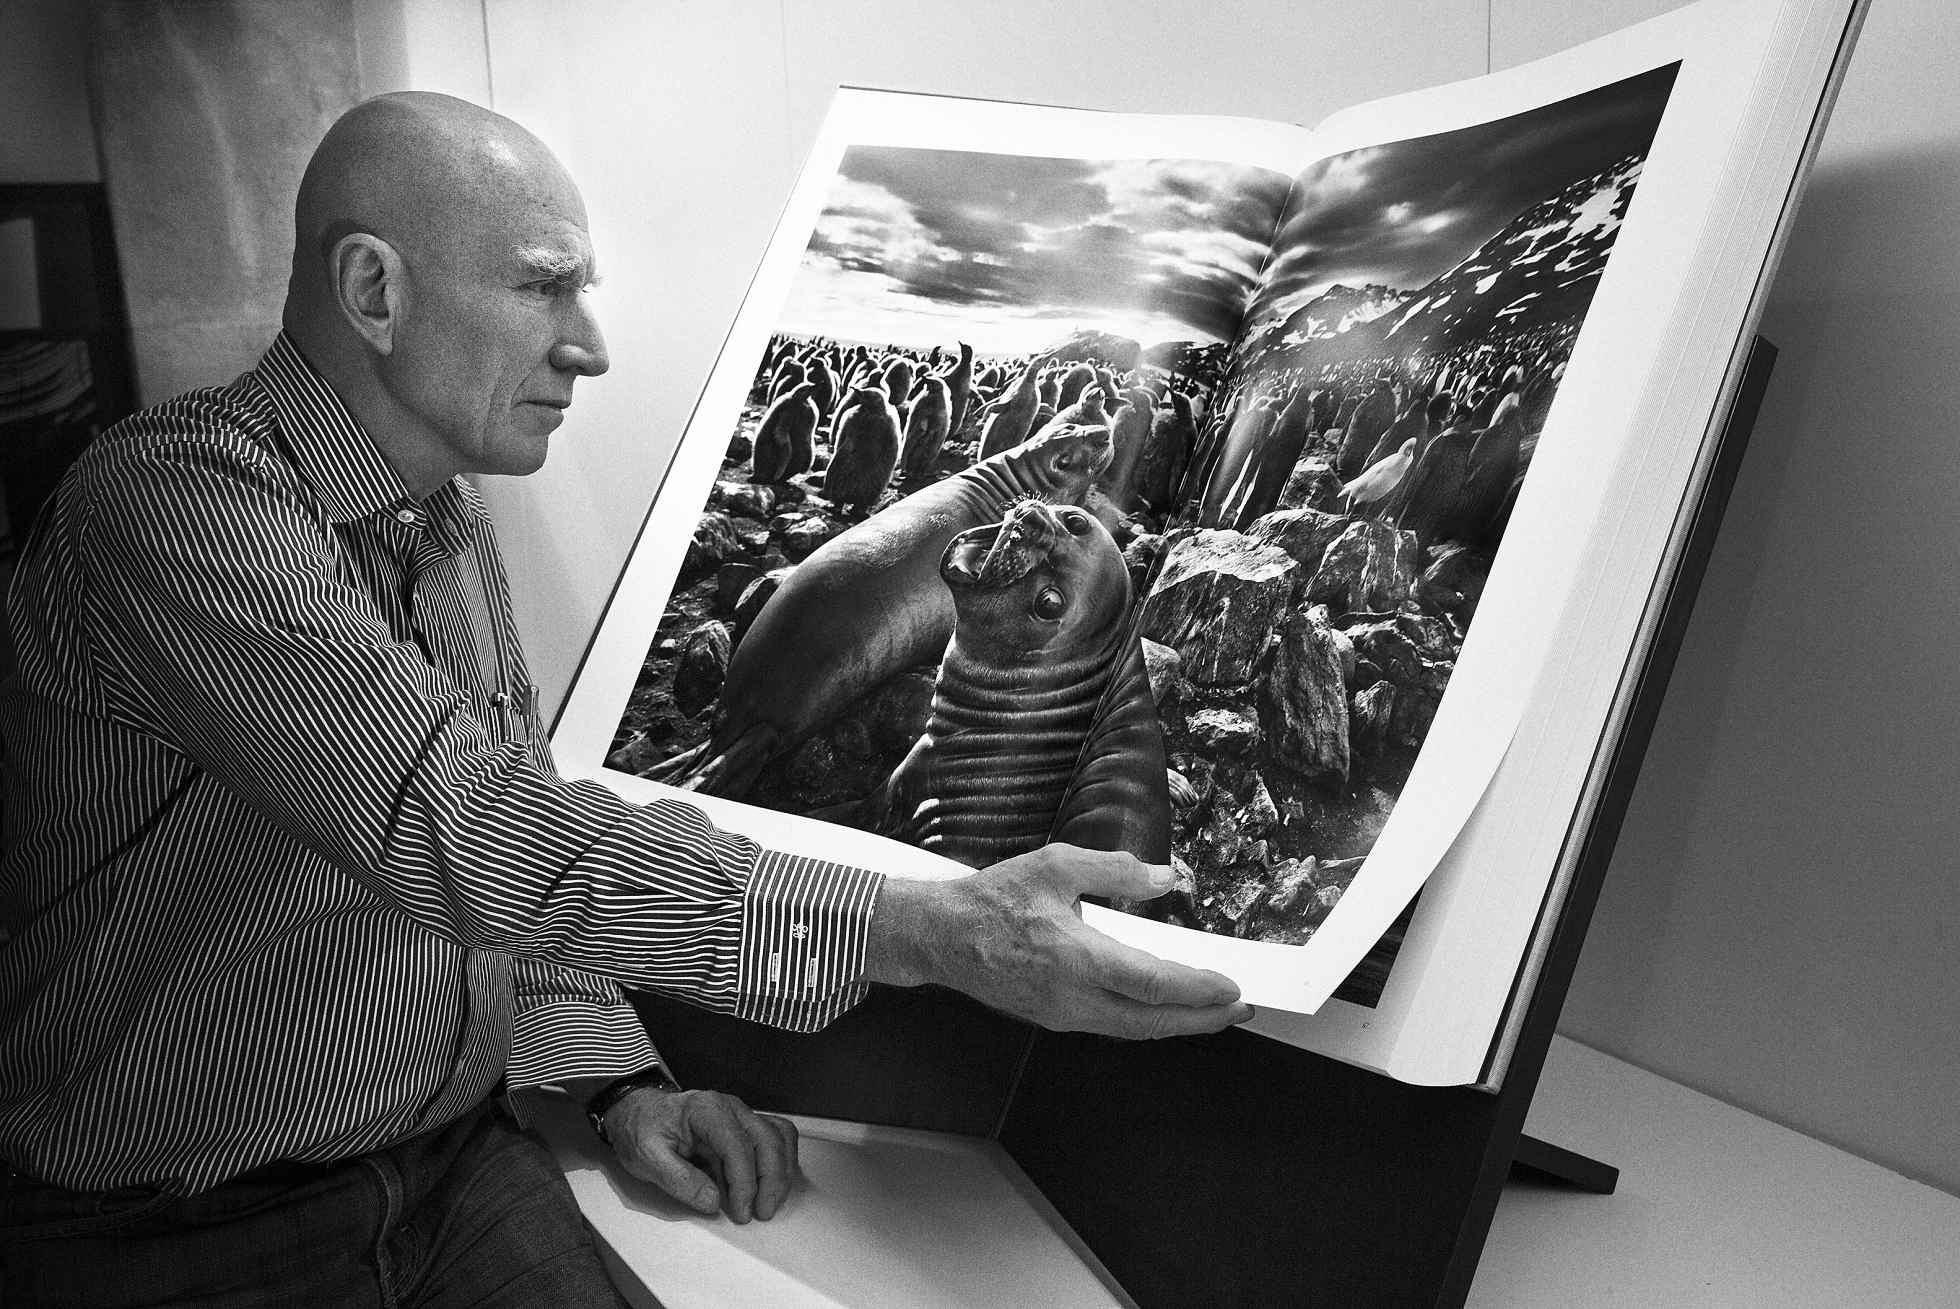 Фотограф Себастьян Сальгадо с авторским альбомом Генезис